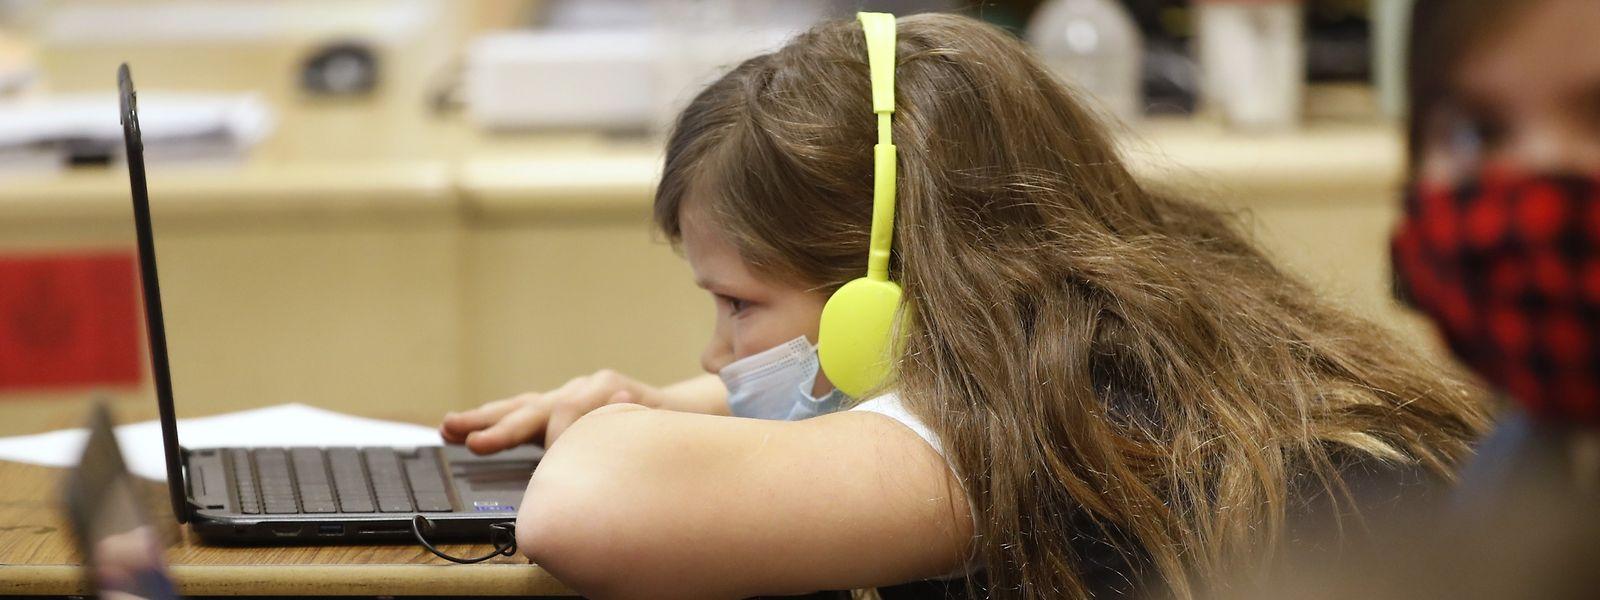 Privés de contacts, des plaisirs, des insouciances mais aussi du cadre scolaire, bon nombre de jeunes commencent à déprimer sérieusement.